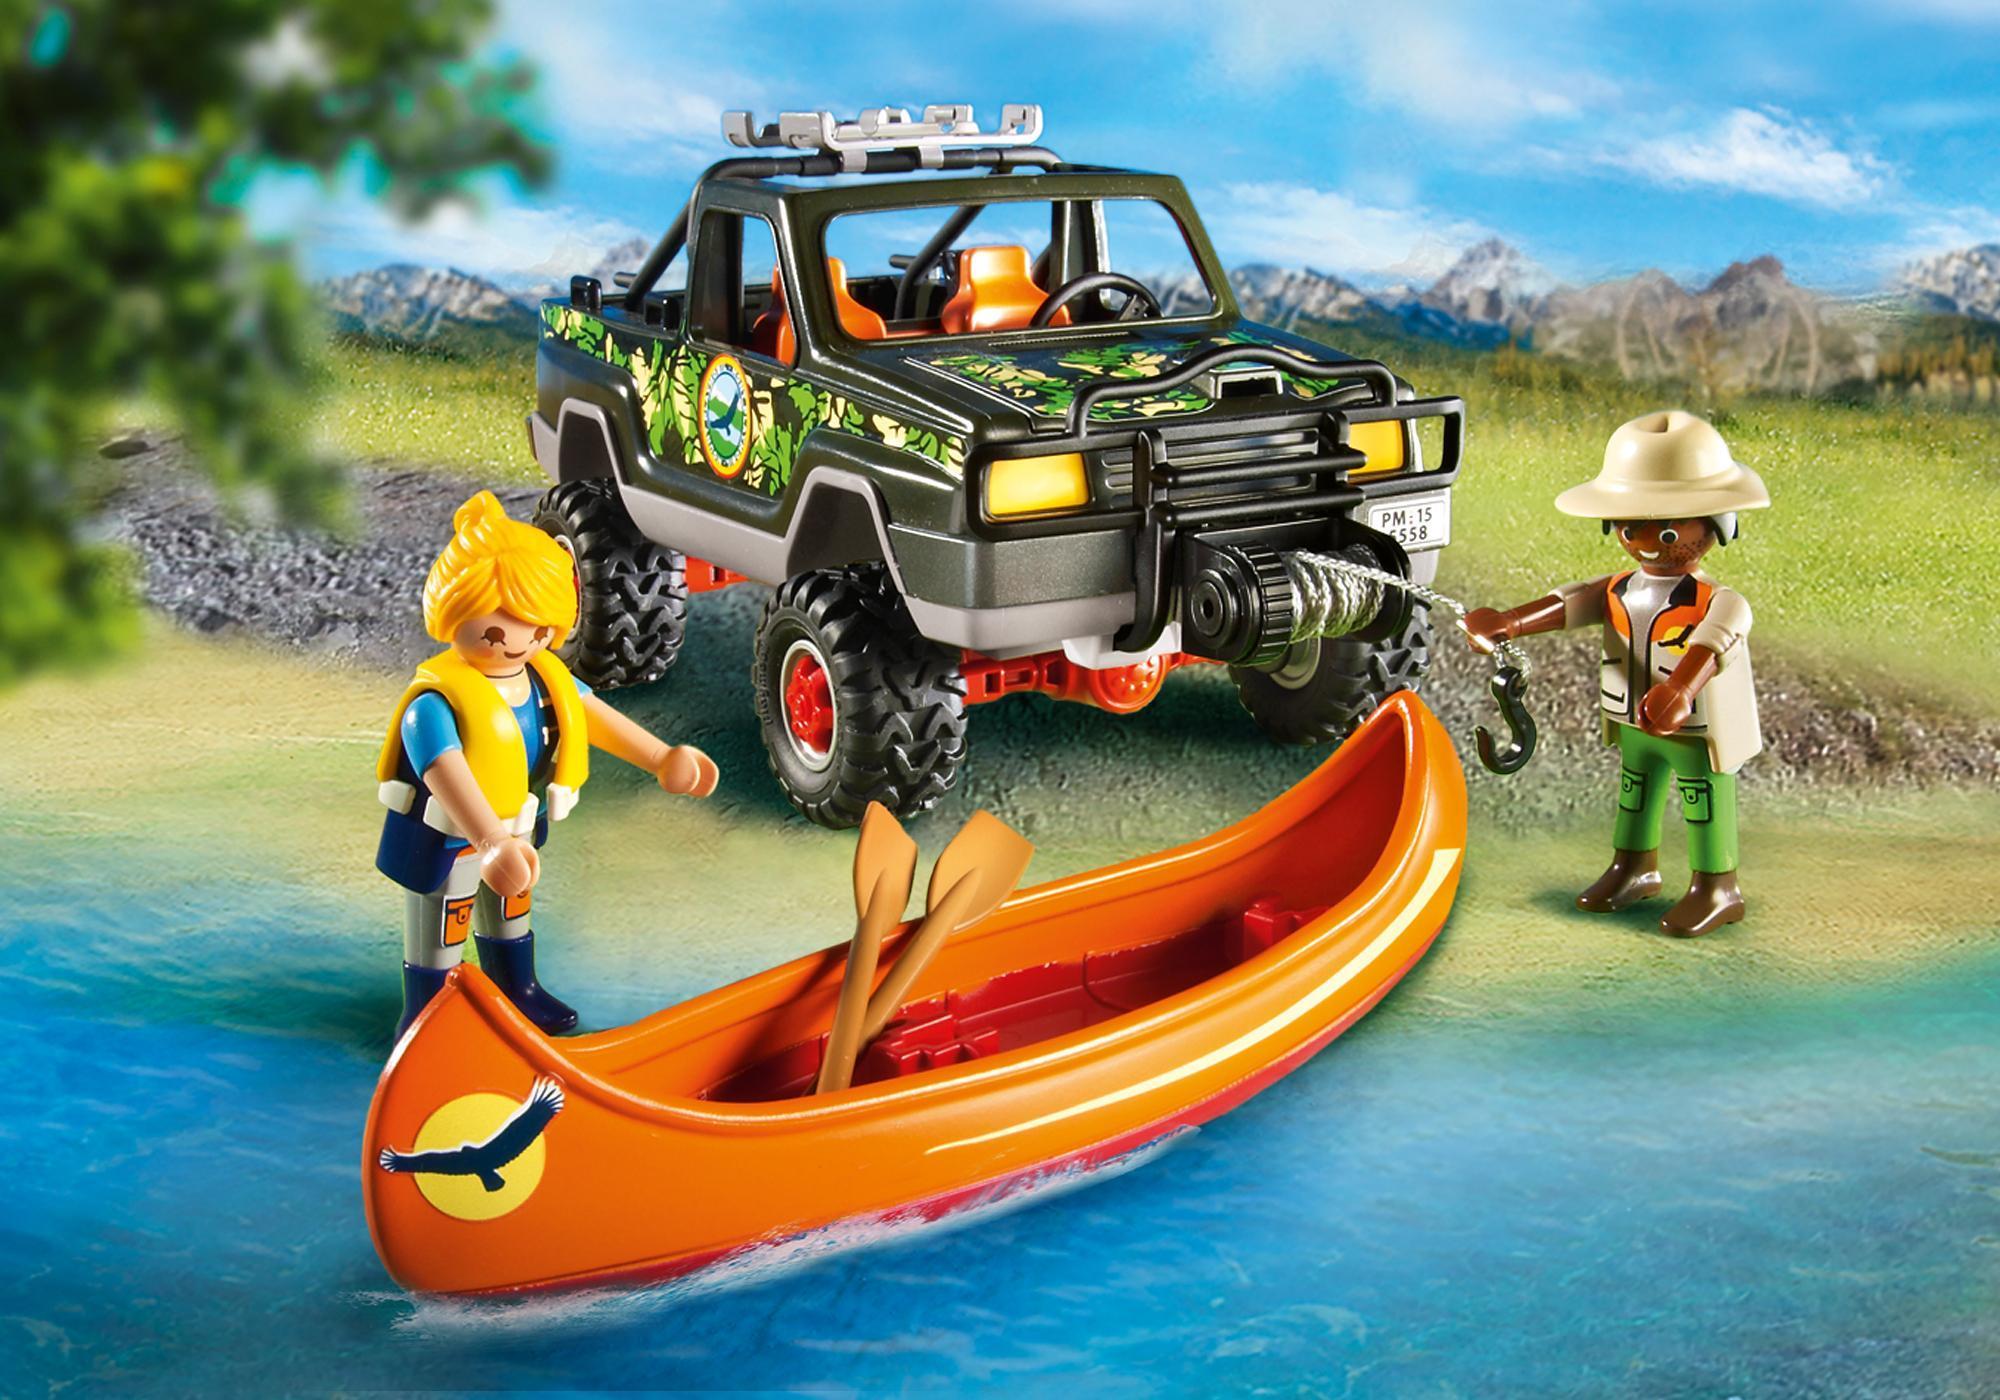 http://media.playmobil.com/i/playmobil/5558_product_extra2/Pick-up de Aventureiros